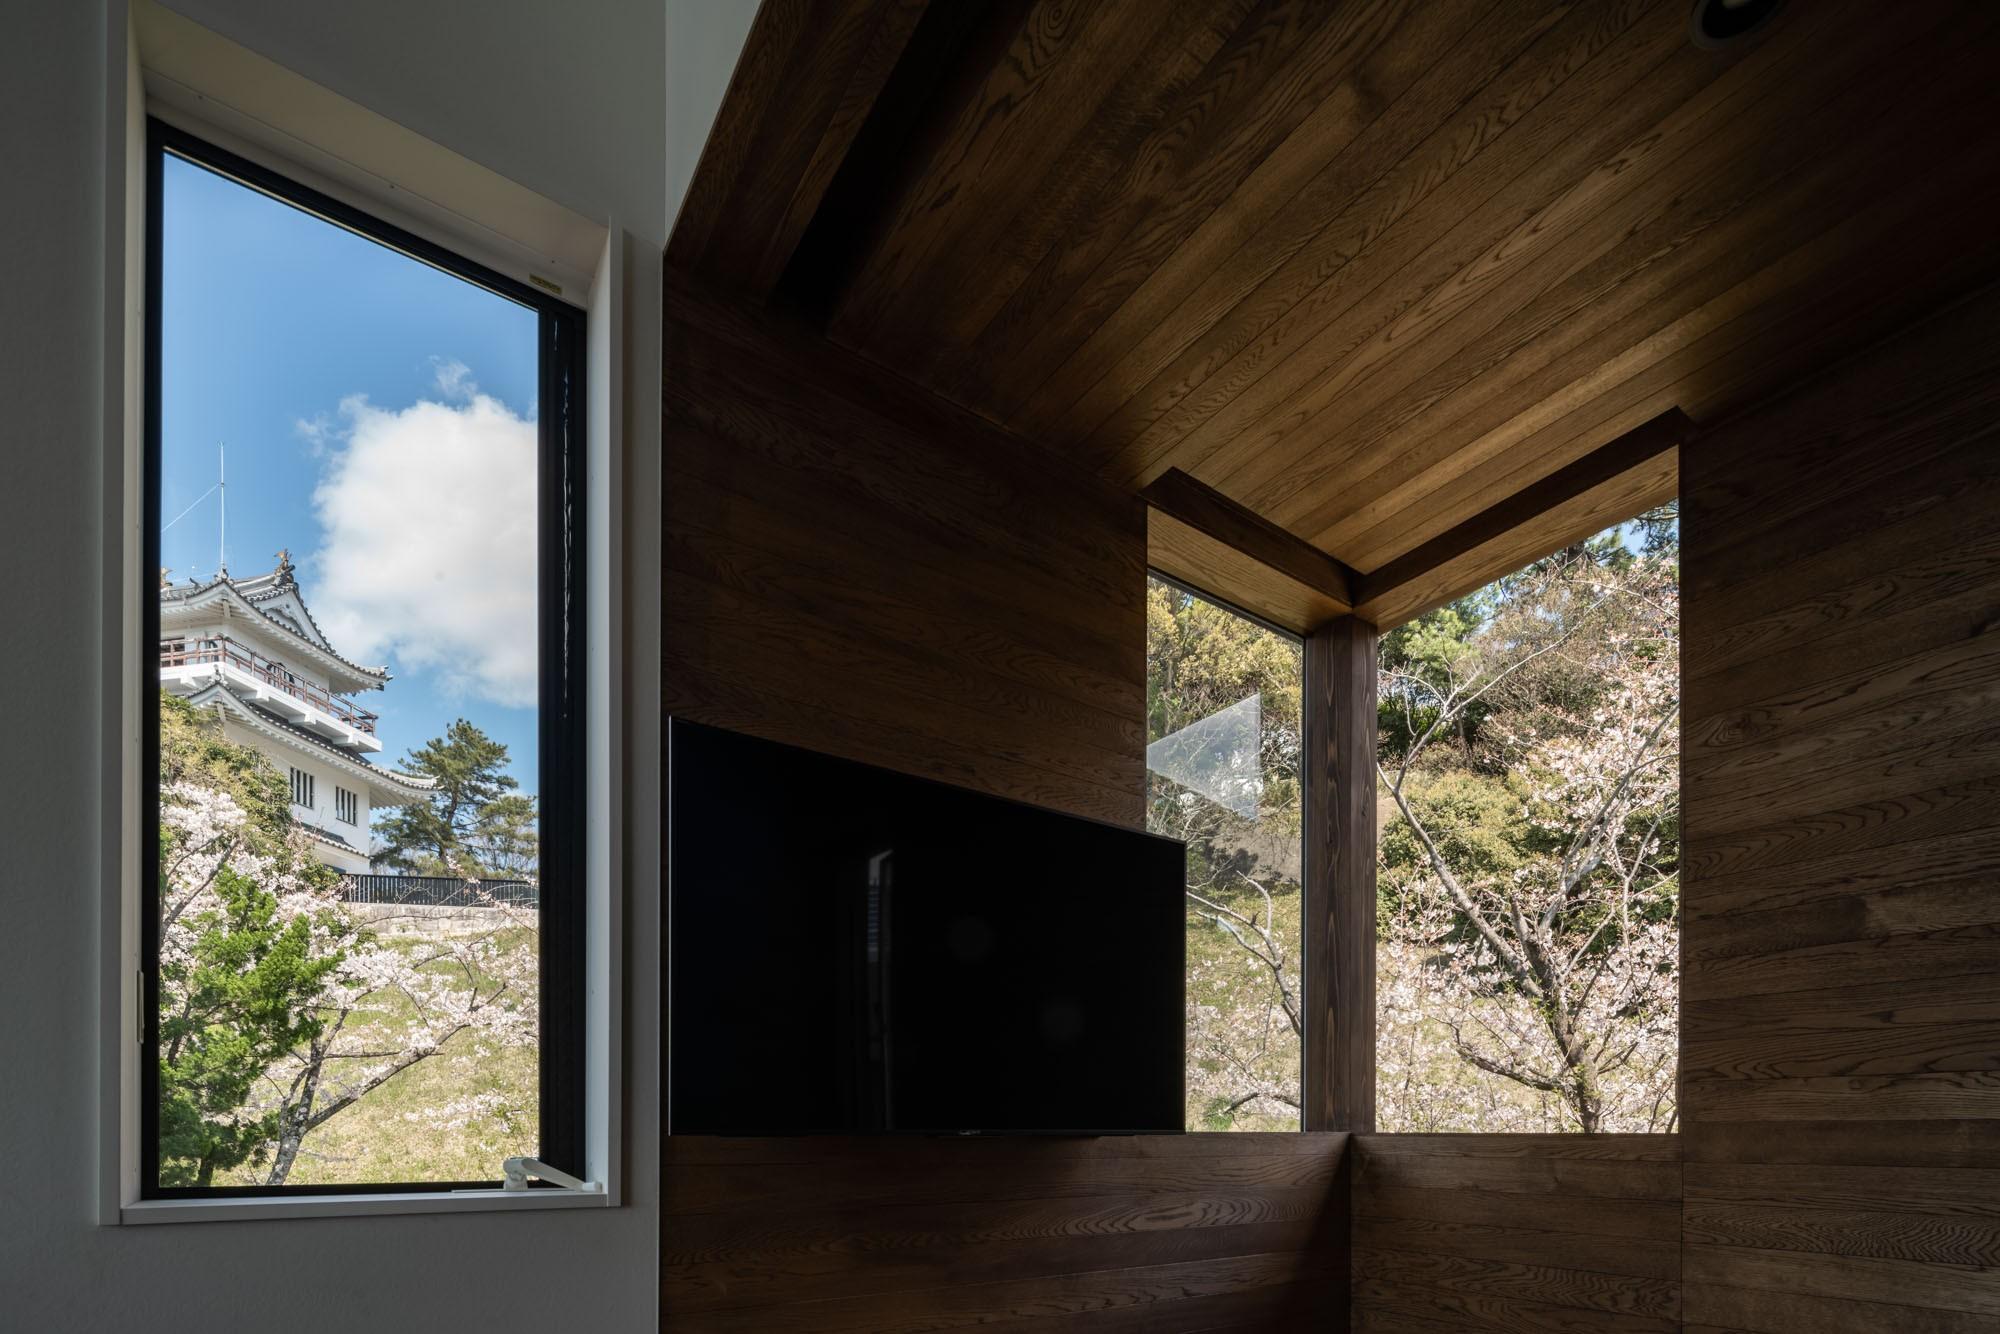 リビングダイニング事例:リビングの窓から見える大野城と満開の桜(『青海の家』 風景と住む。~伊勢湾を臨む~)